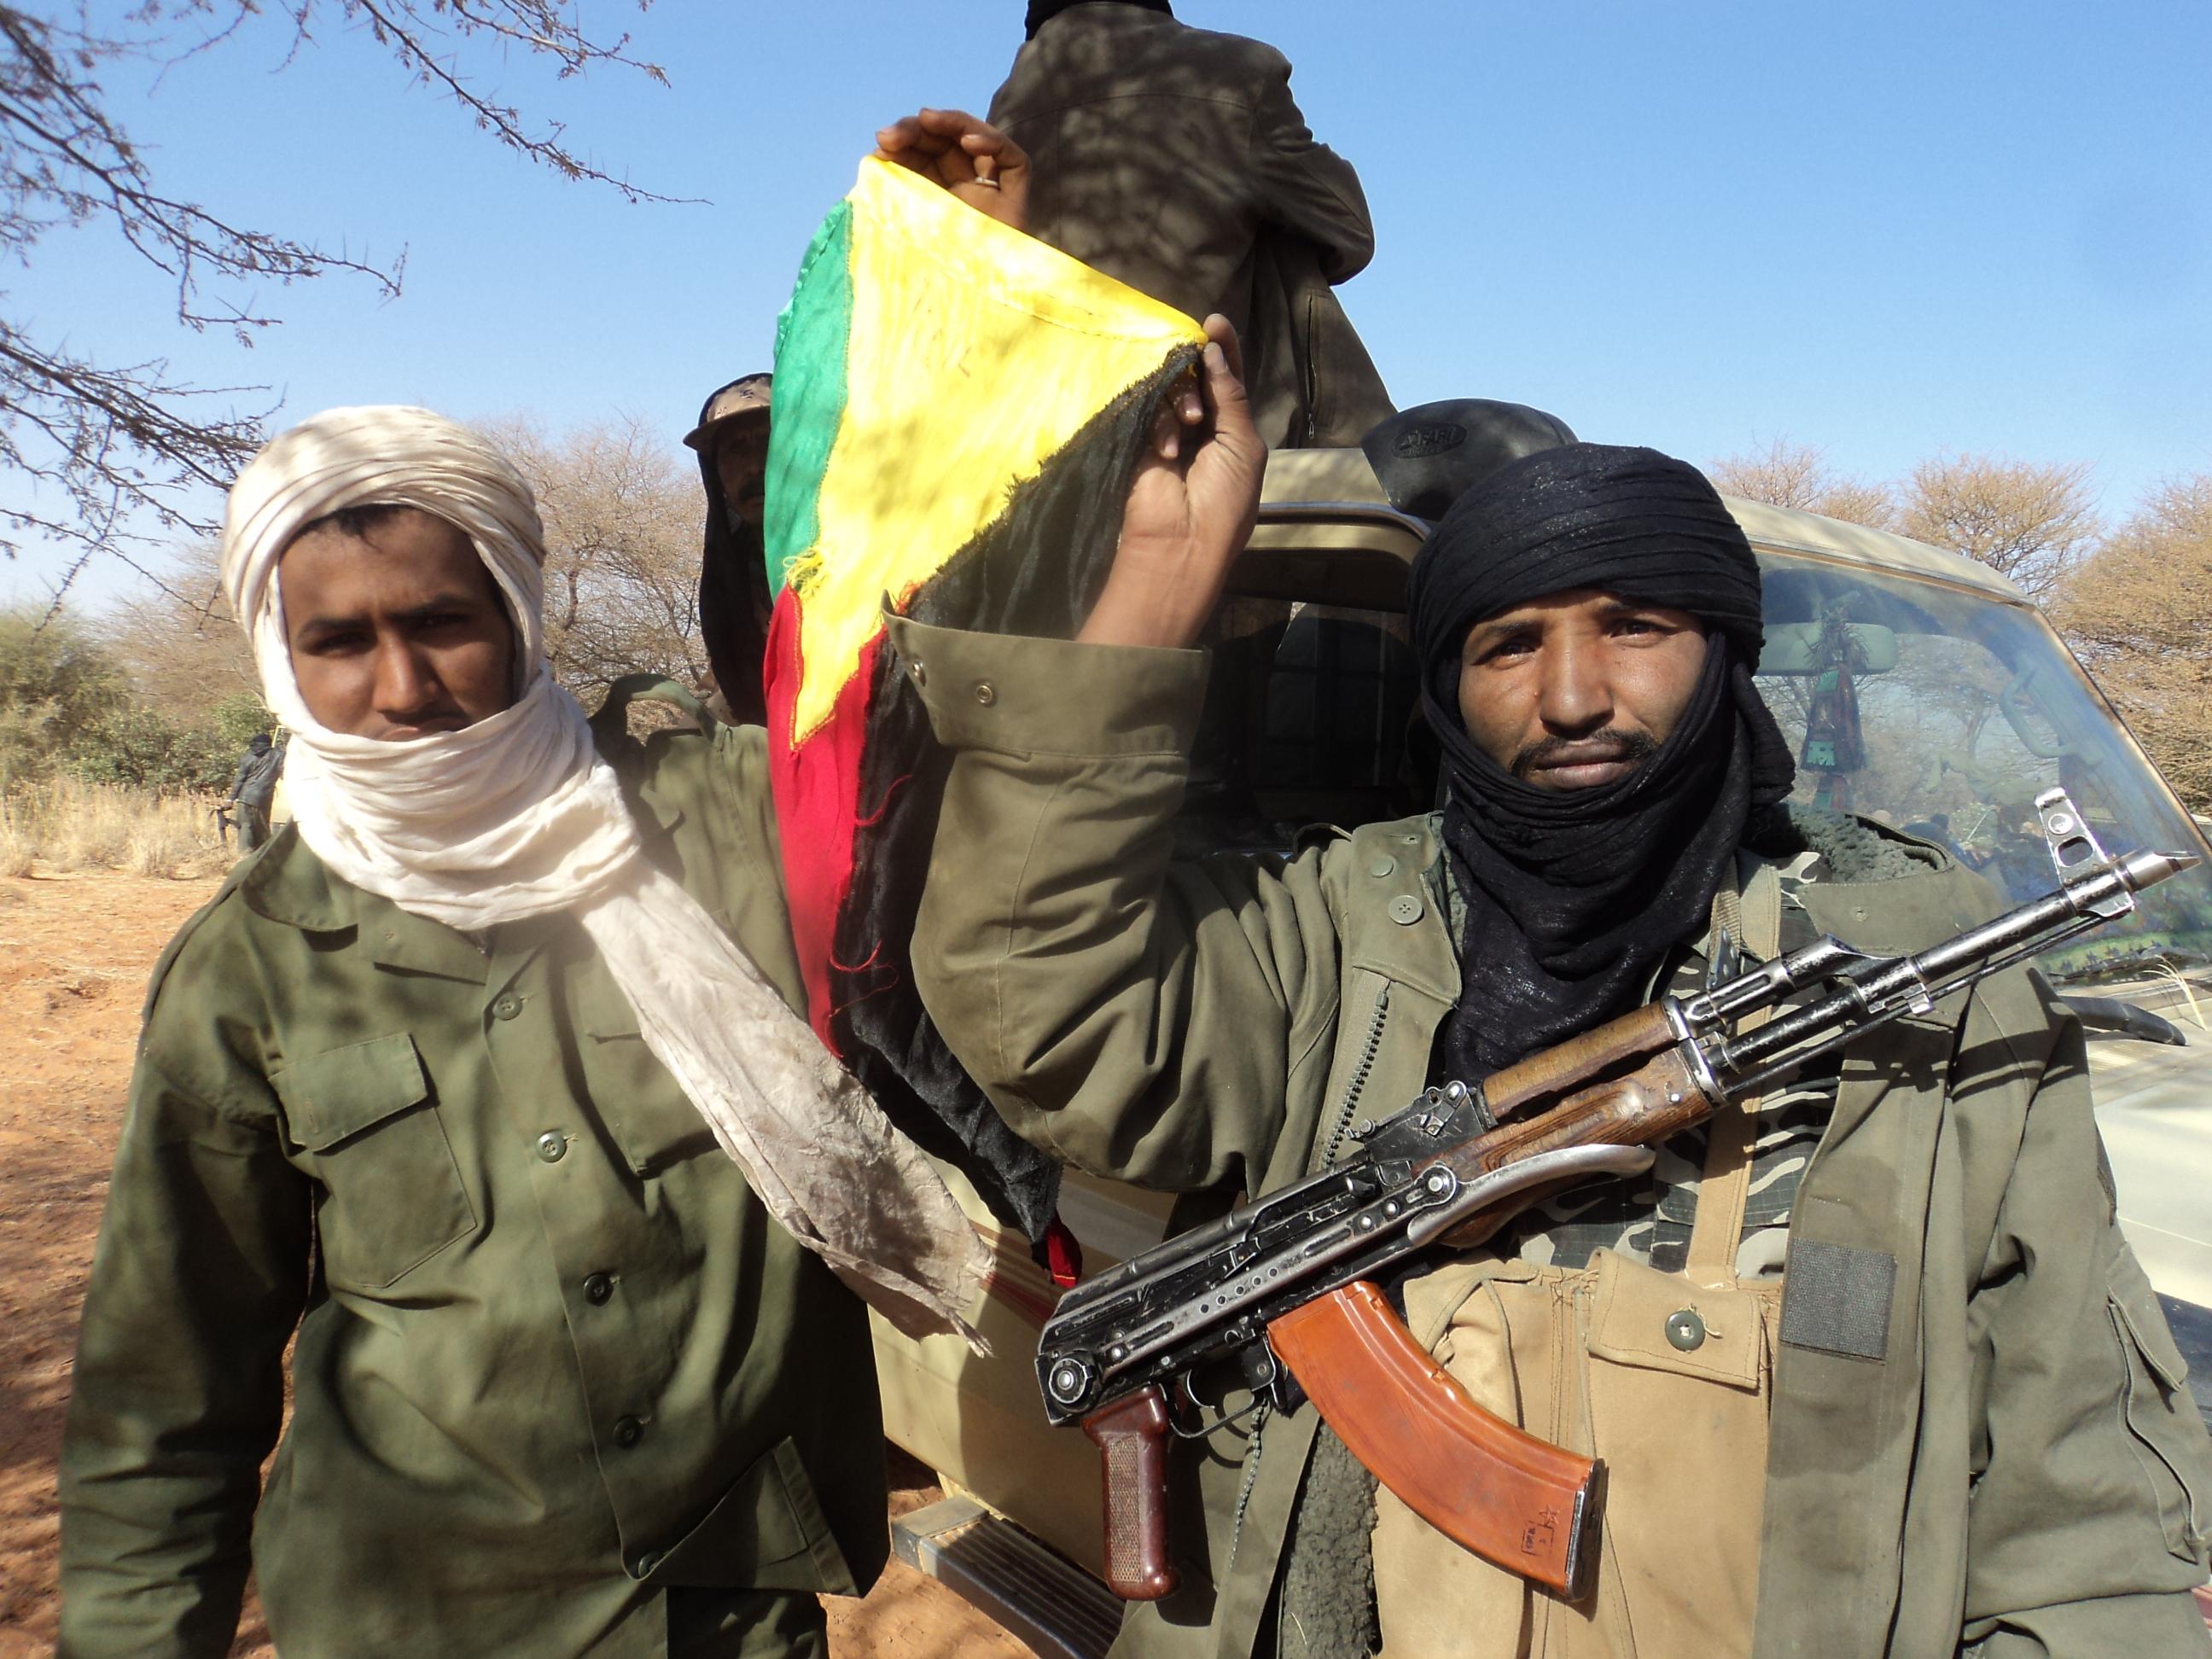 https://upload.wikimedia.org/wikipedia/commons/f/f6/Le_Mali_confront%C3%A9_aux_sanctions_et_%C3%A0_lavanc%C3%A9e_des_rebelles_islamistes_(6904946068).jpg